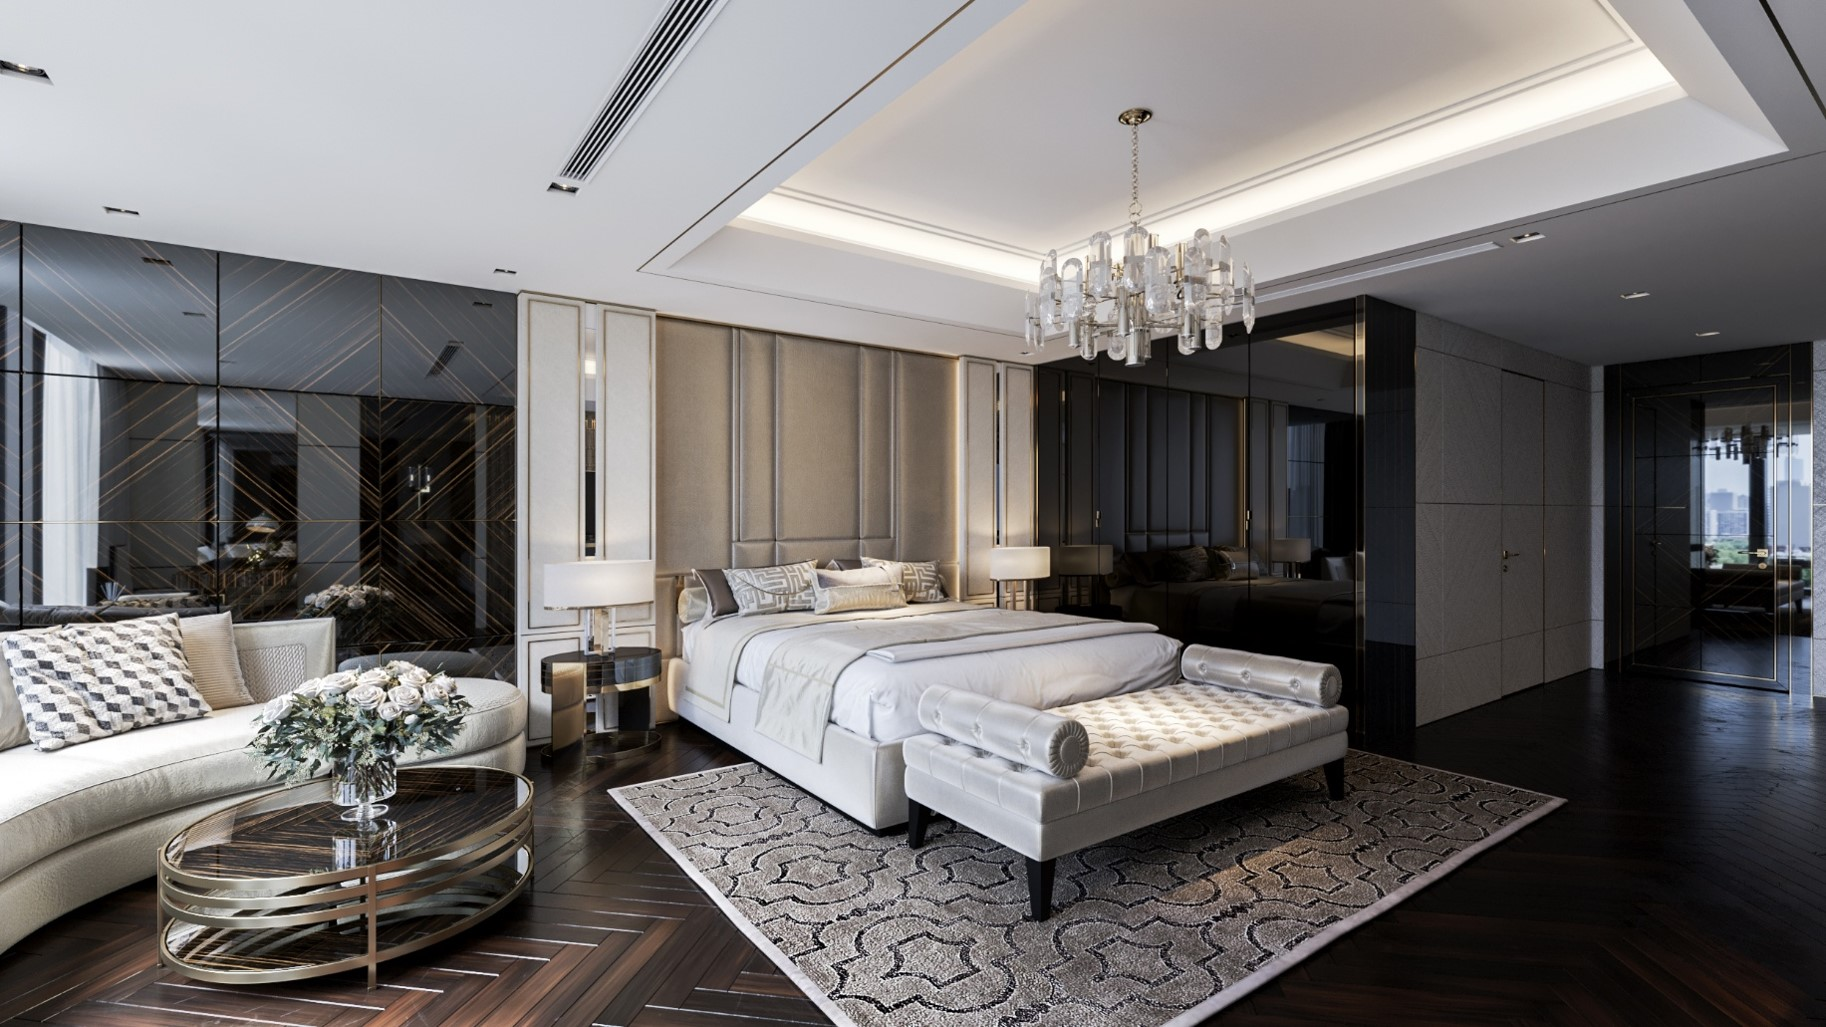 Thiết kế căn hộ mẫu Phòng ngủ